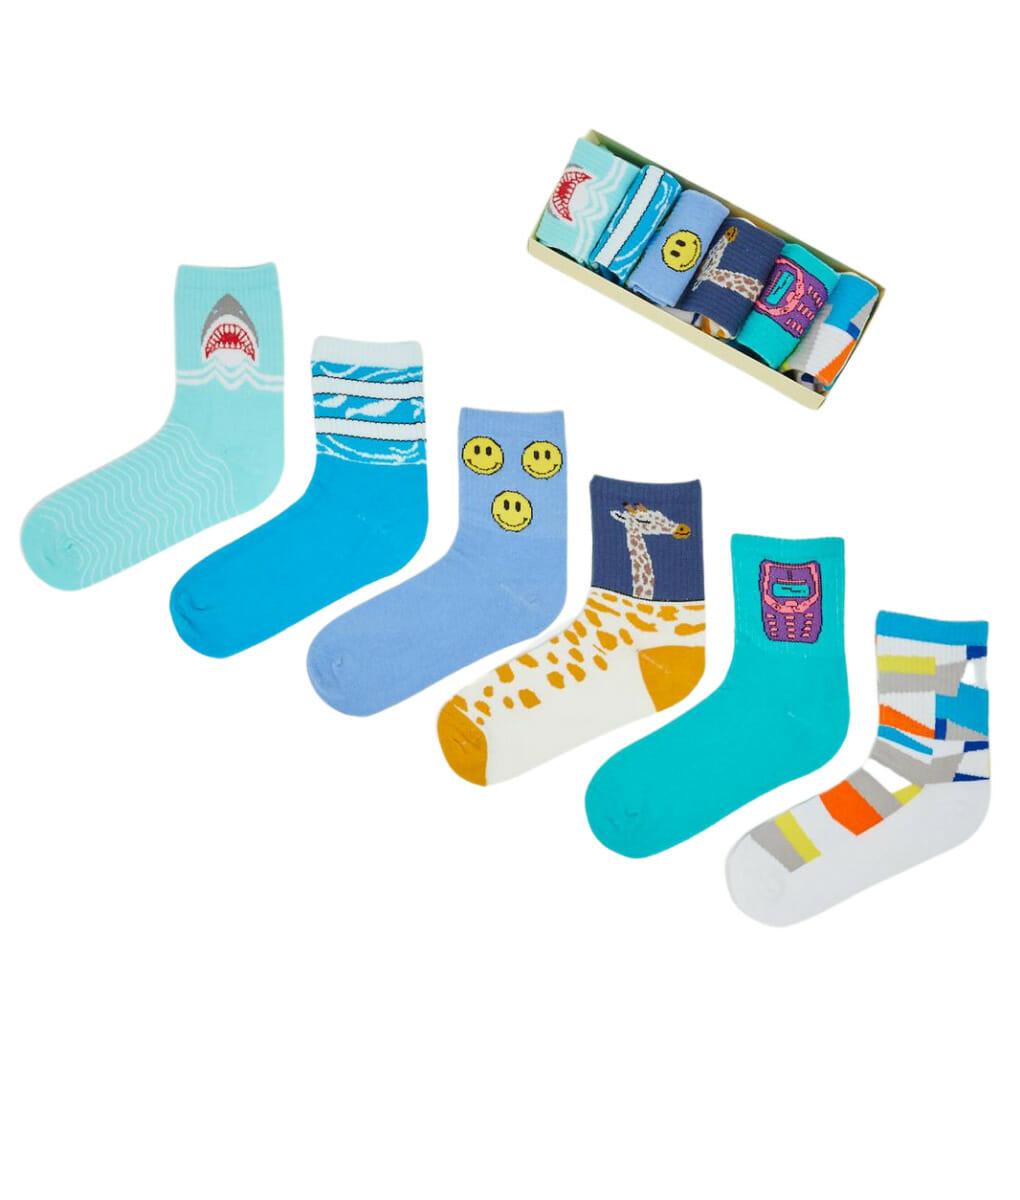 Μπλε και Σιέλ Unisex κάλτσες με σχέδια 6 pack